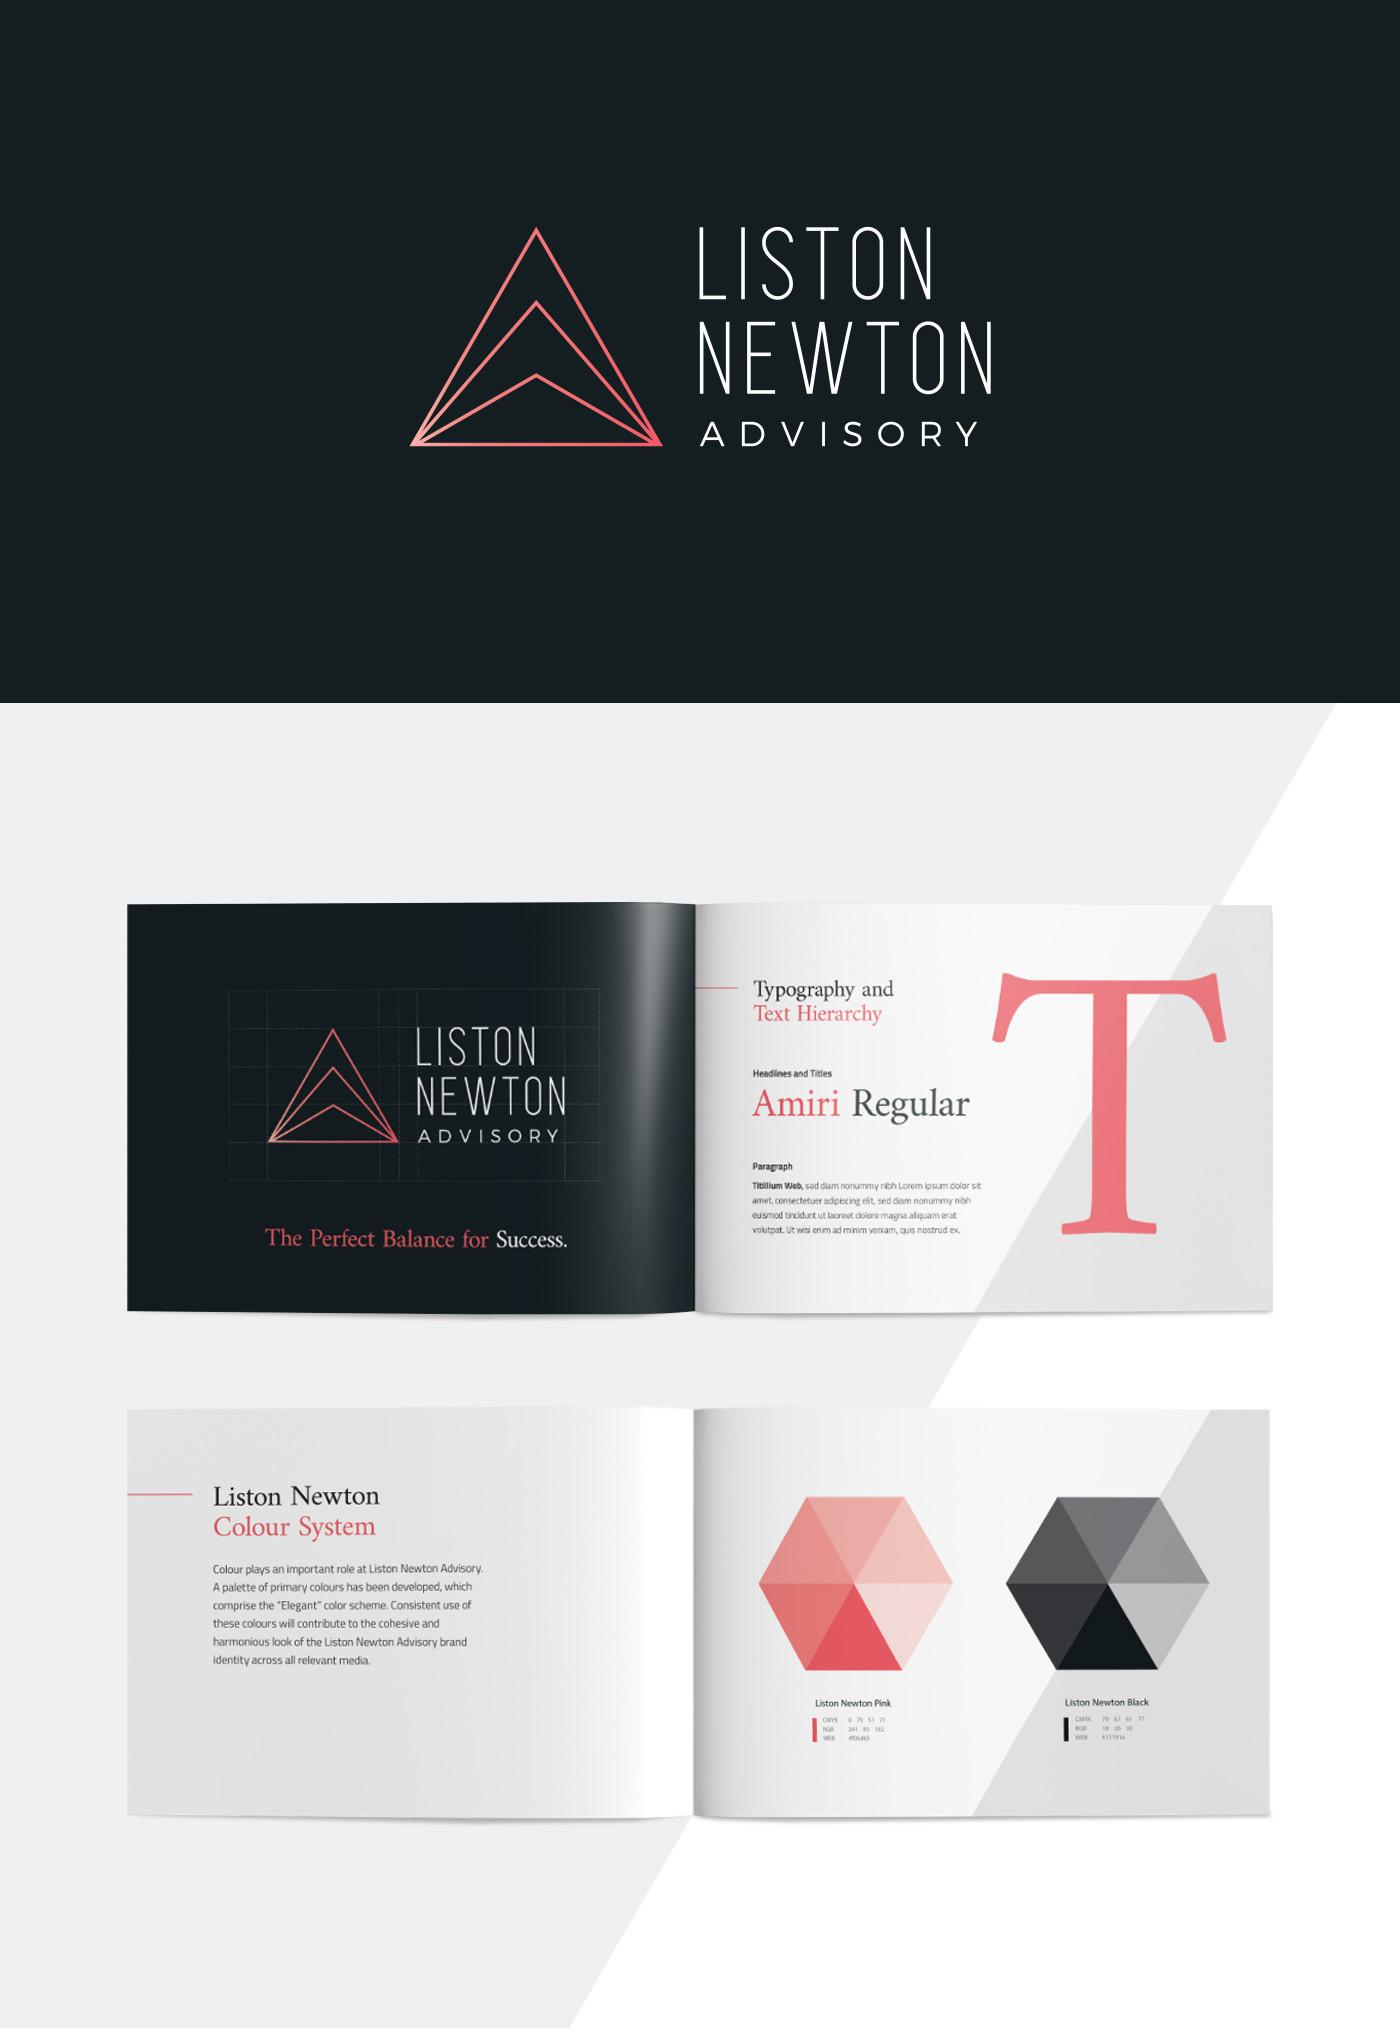 Liston Newton Advisory on Behance